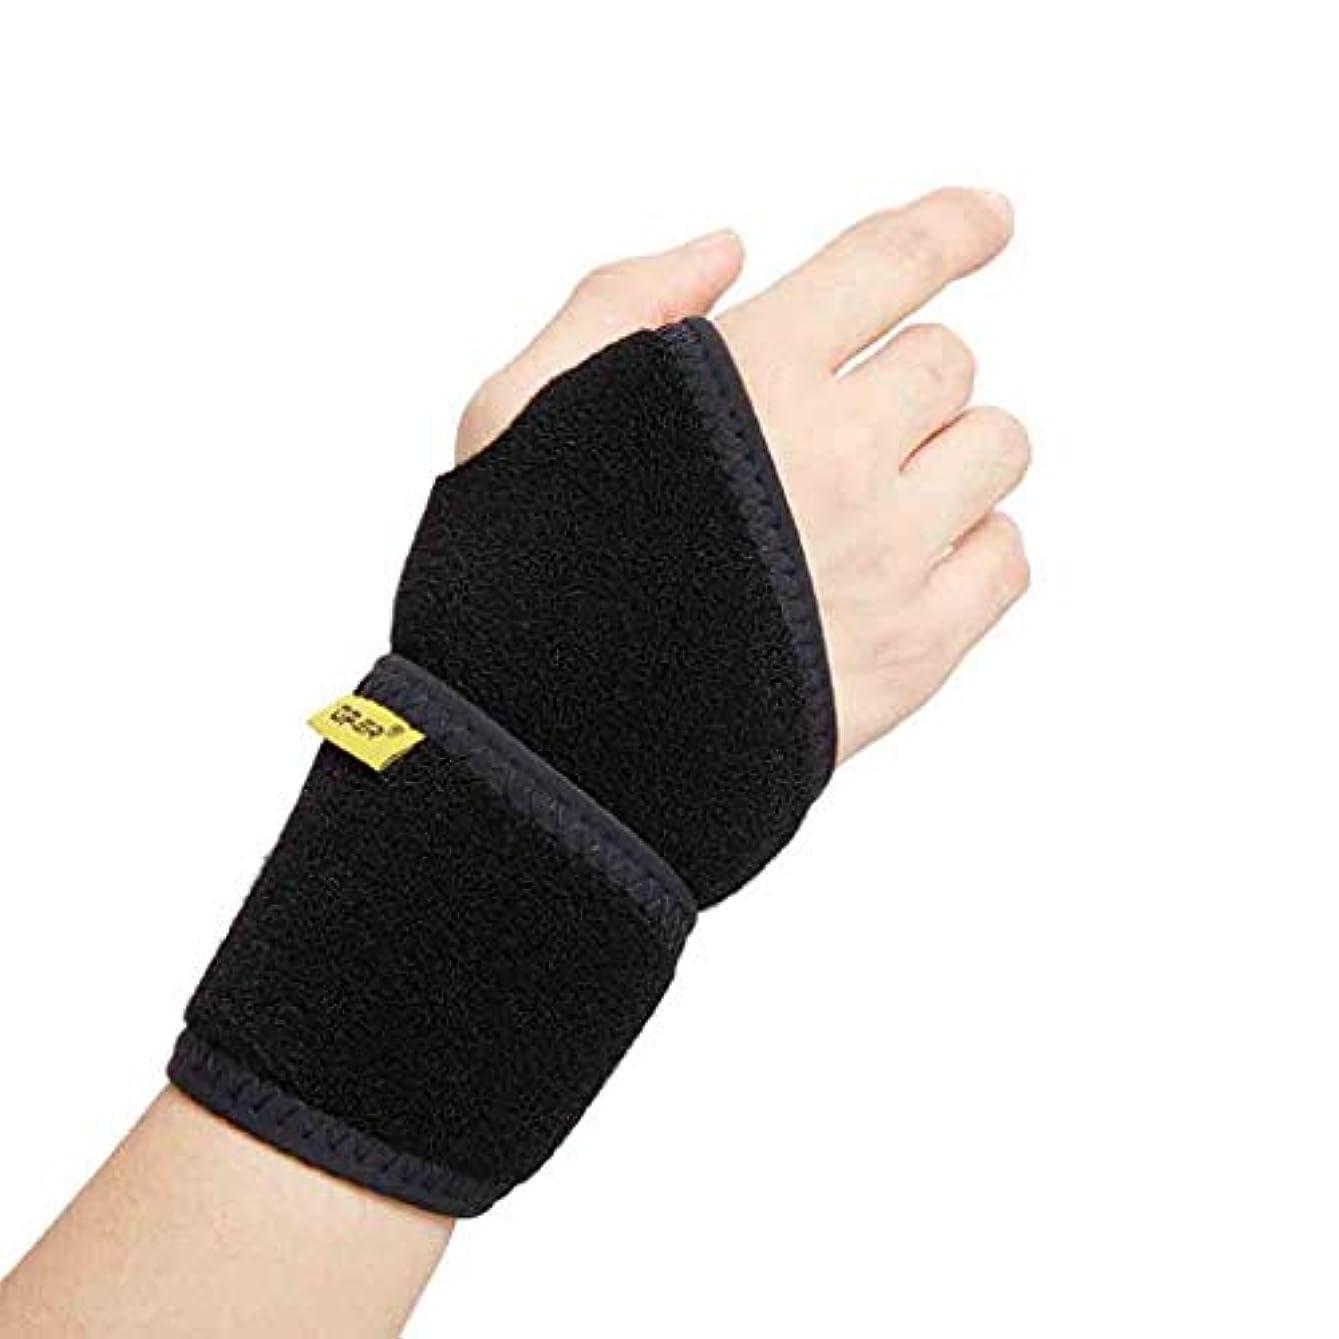 ネットカード批判関節炎のためのThumbのスプリントは右手の手首サポート左手手根サポートを手根管トンネルの痛みを軽減するための男性と女性をトリガー Roscloud@